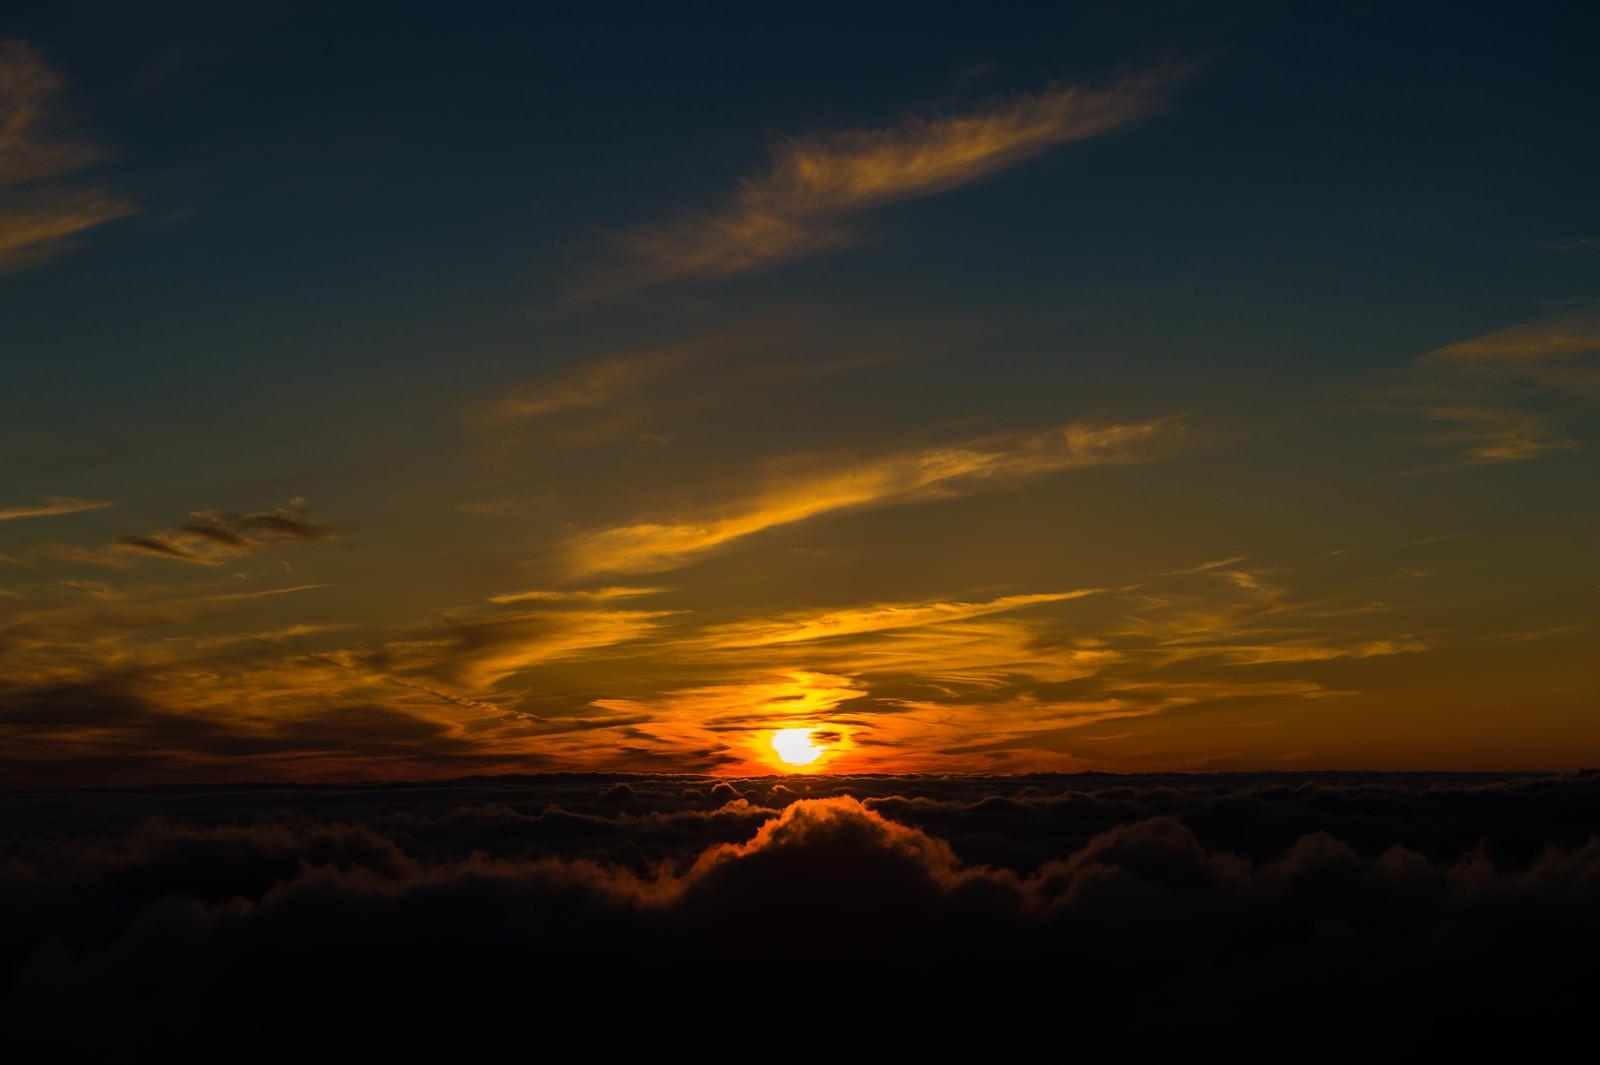 「北アルプス日没直前に煌々と光を放つ太陽」の写真